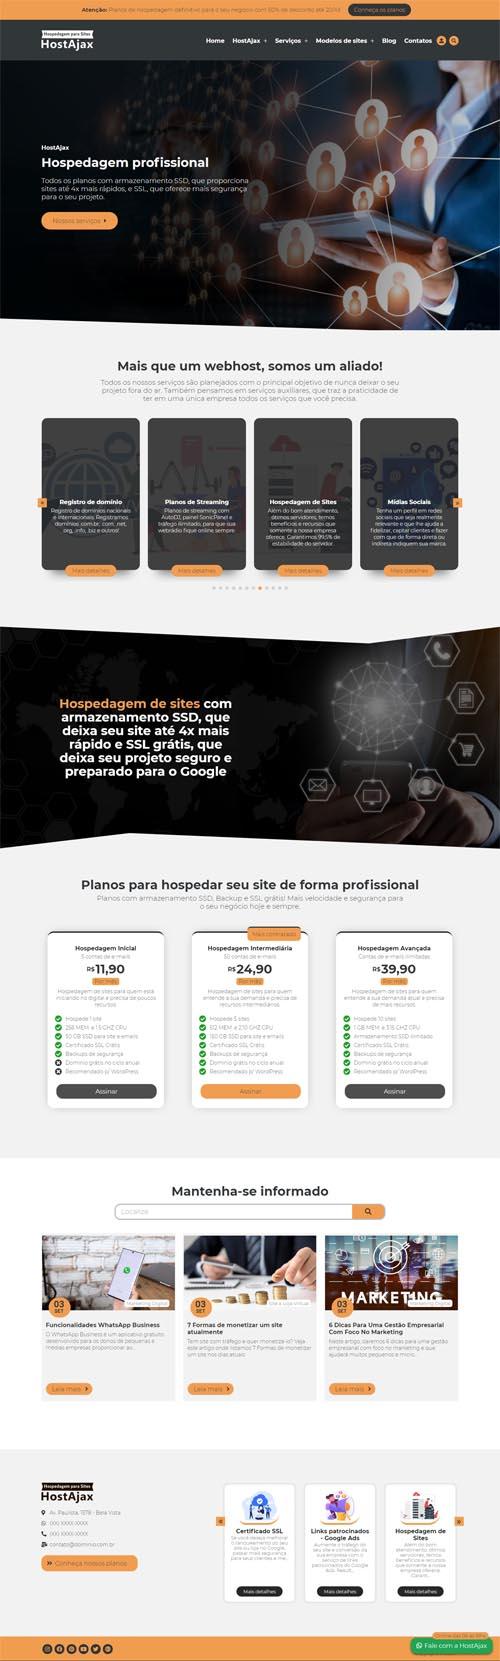 Página inicial modelo HostAjax - Site para empresas de hospedagem de sites e agências de marketing digital